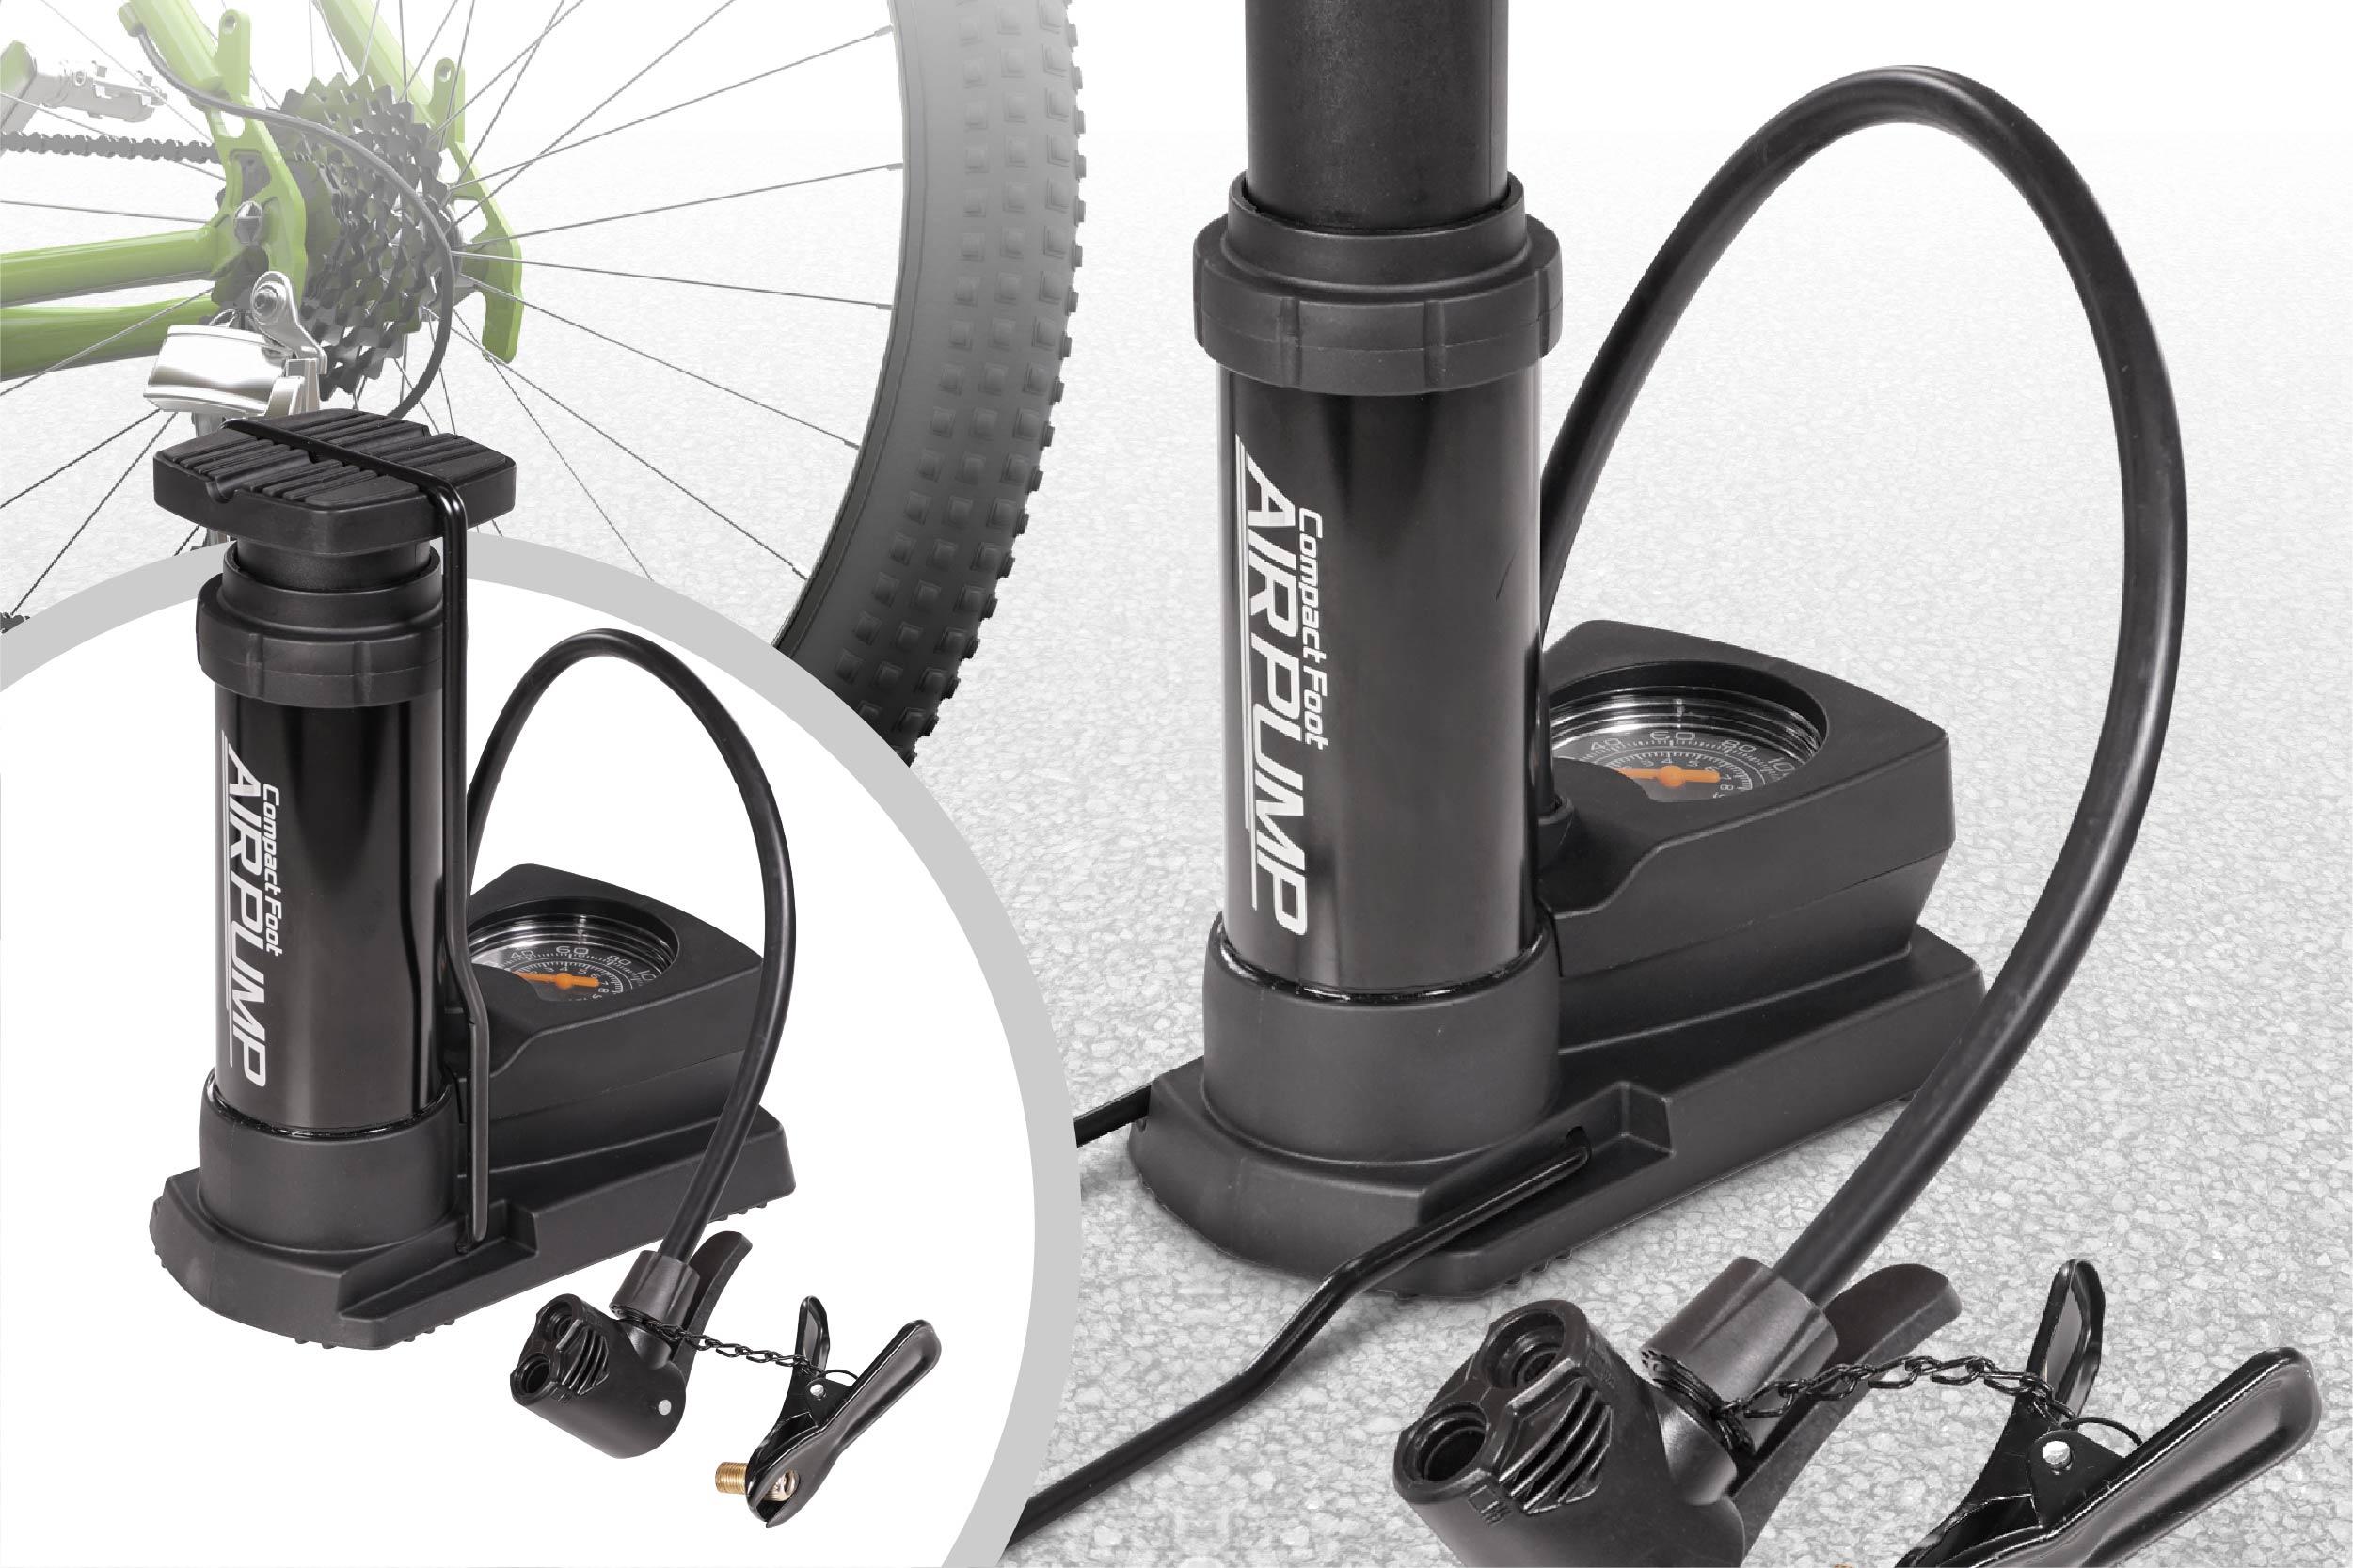 コンパクト収納 コンパクトエアーポンプ 空気入れ 自転車 ボール 浮き輪空気圧ゲージ付き 便利